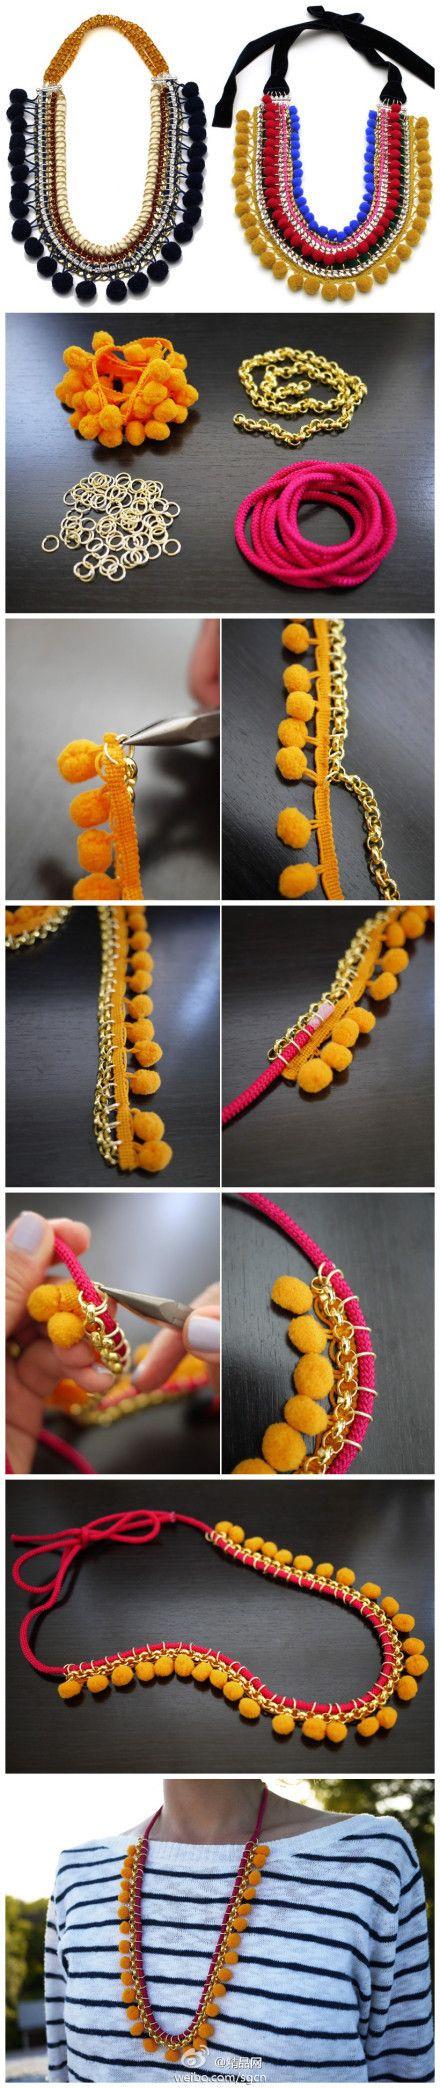 Collar de metal DIY Pompon                                                                                                                                                                                 Más